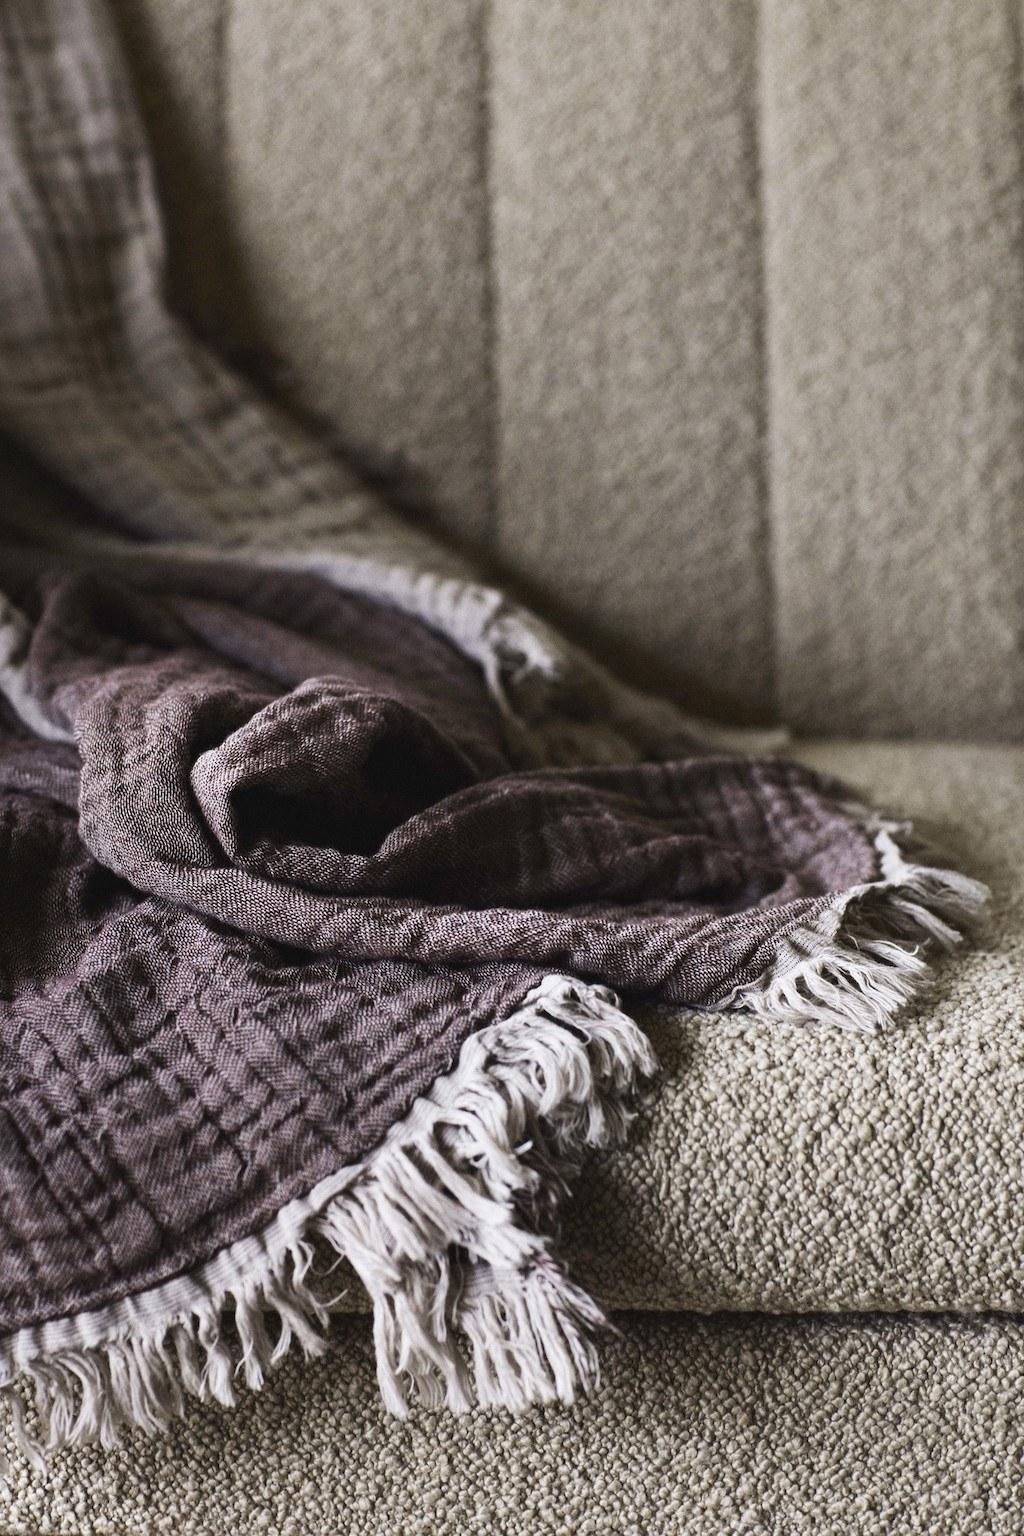 Interieur Materialkunde: 7 spannende Werkstoffe Bouclébezug eines Sofas und drapiertes Plaid